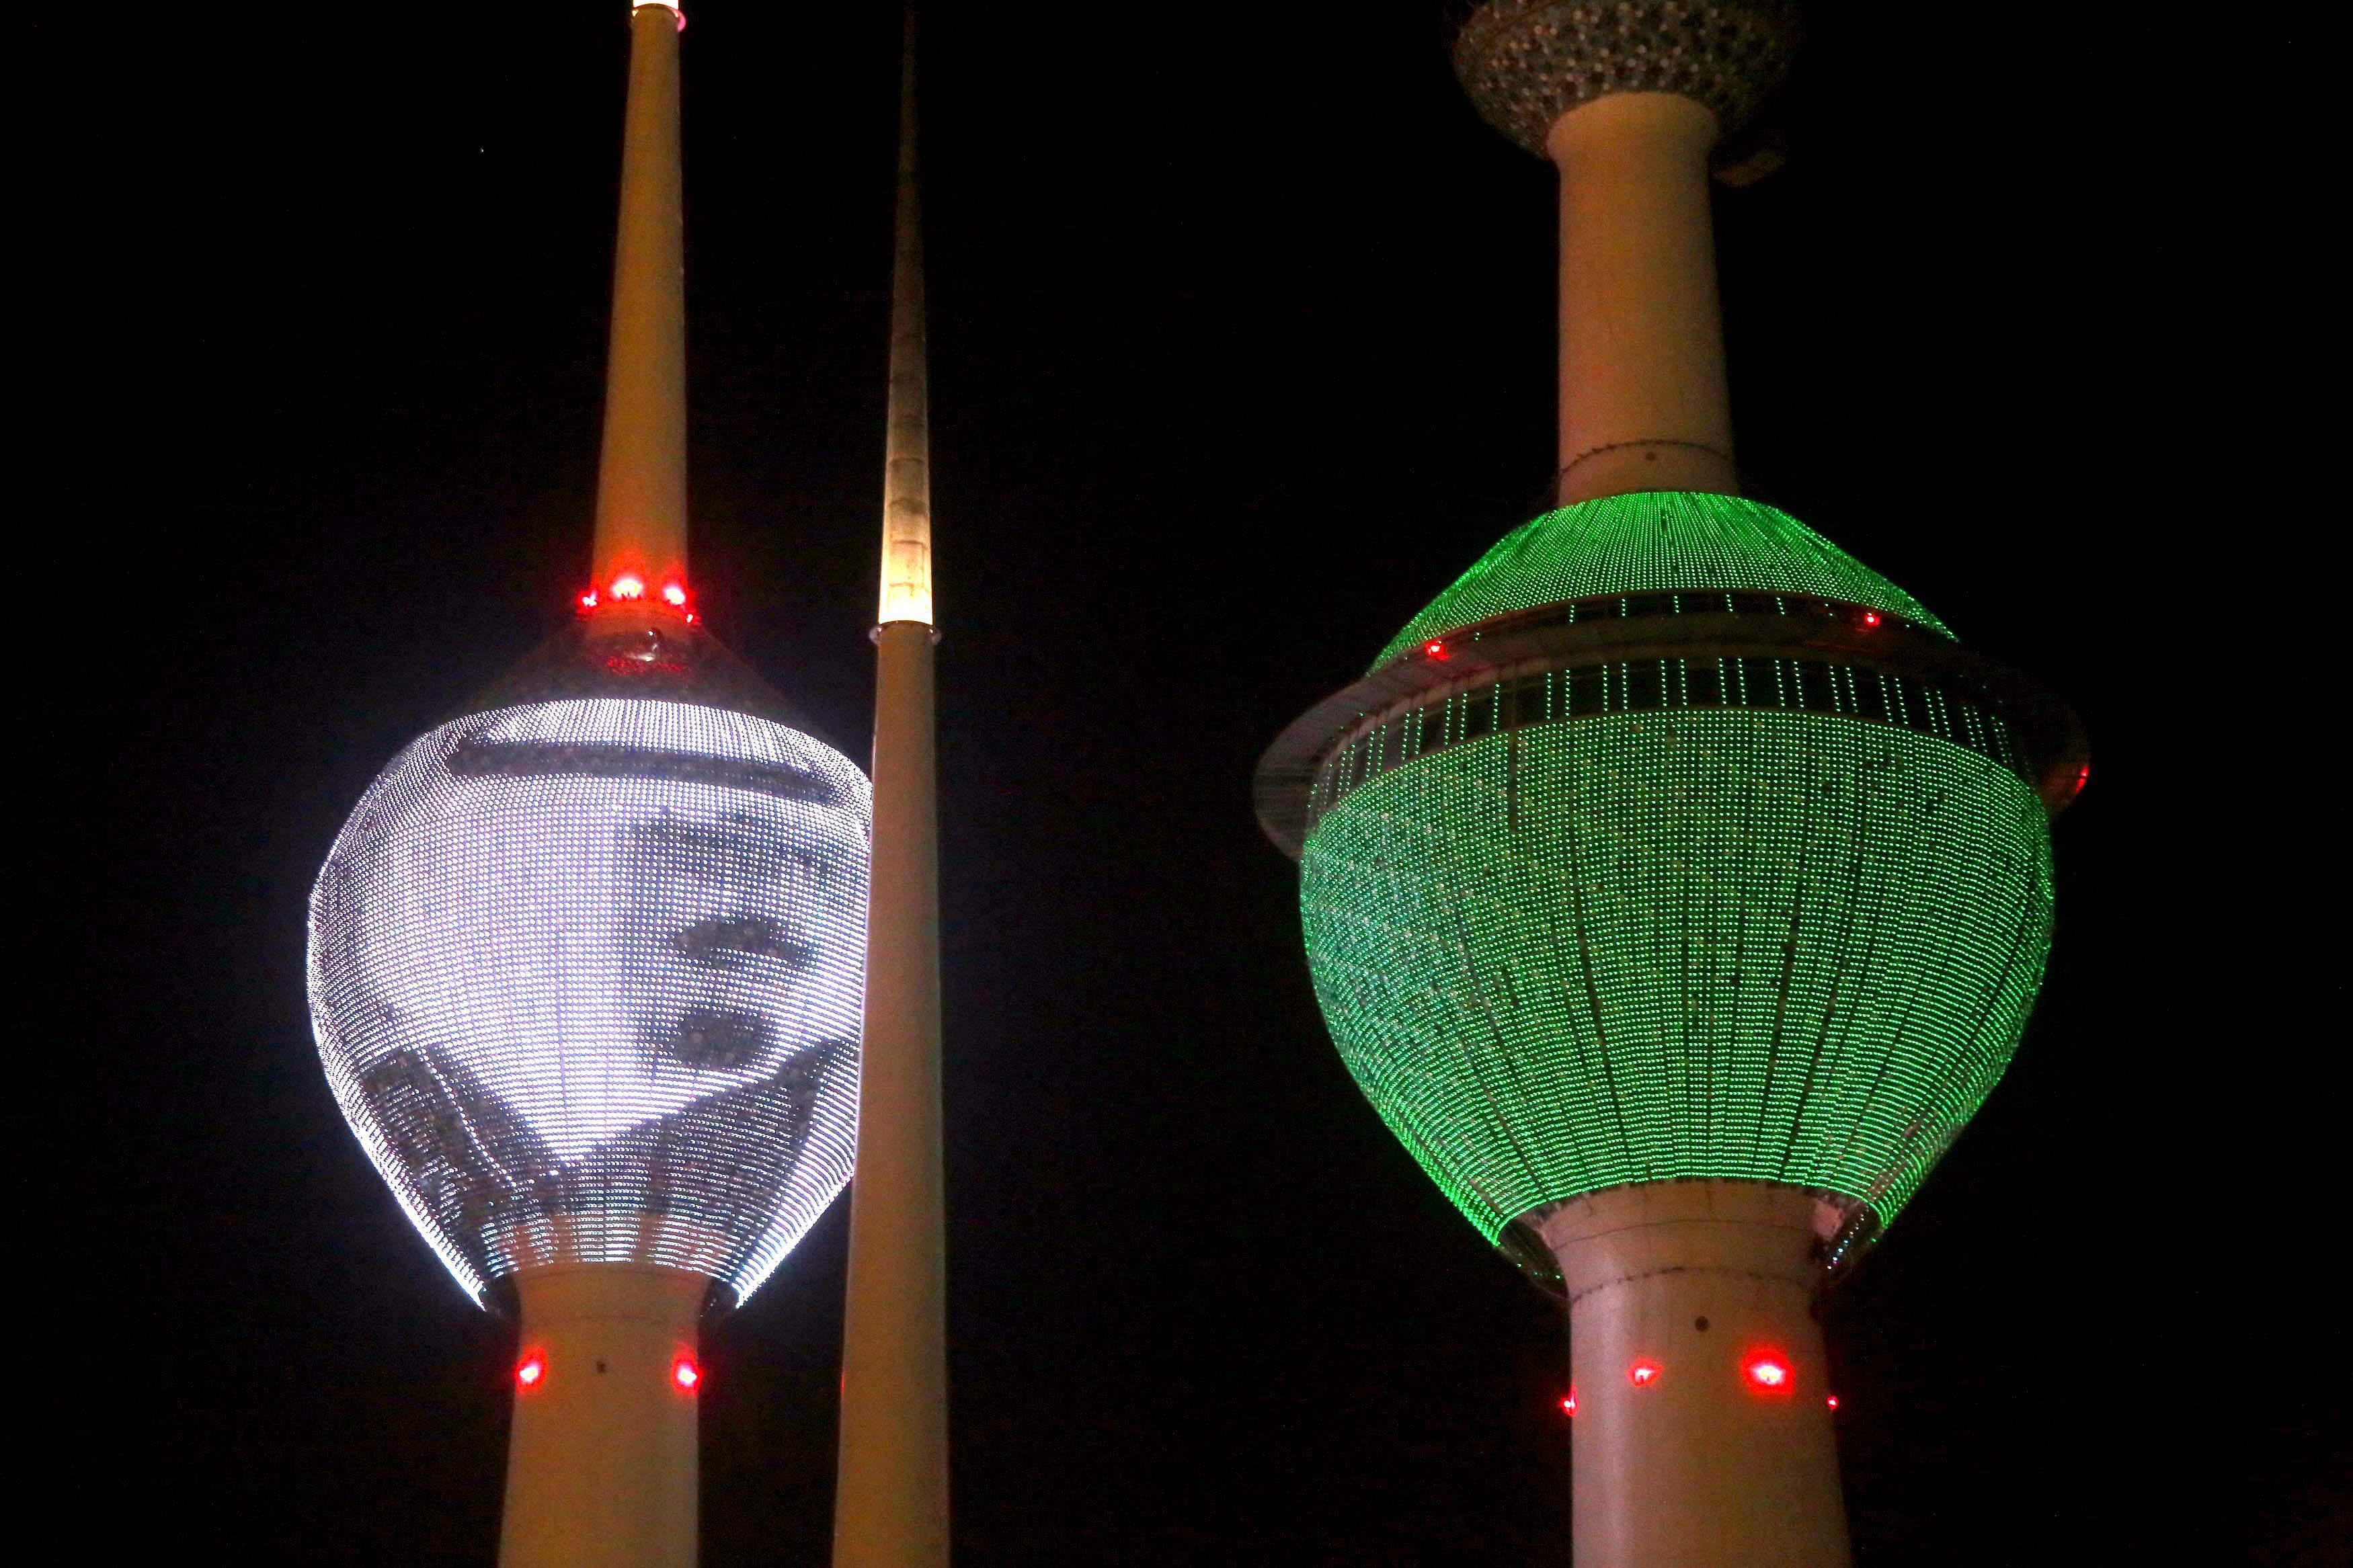 الكويت تنكس أعلامها وترفع علم السعودية وصورة الملك عبدالله على أبراجها - CNNArabic.com